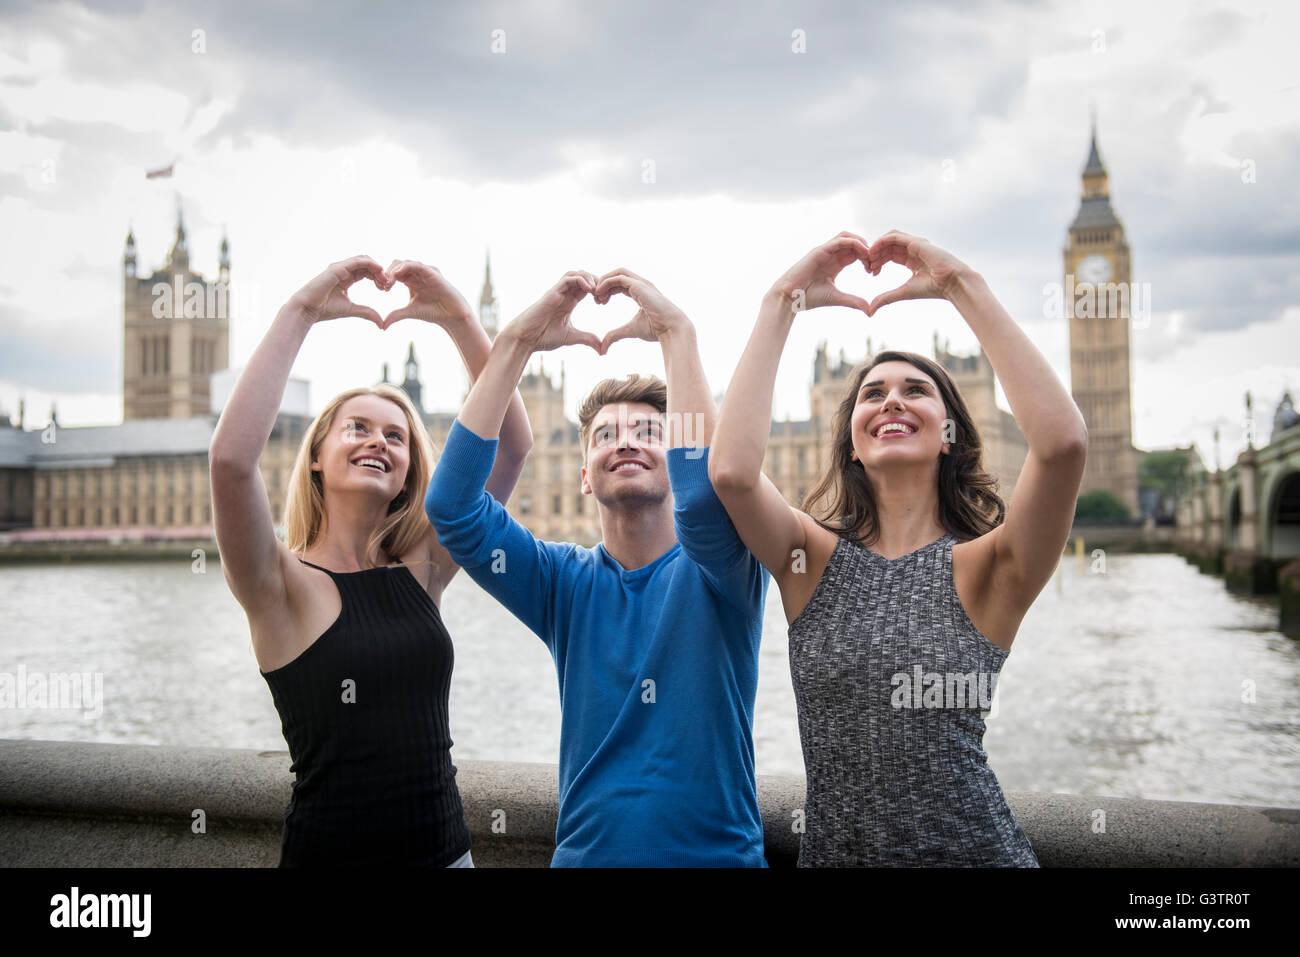 Drei Freunde machen eine Herzform mit ihren Händen mit den Houses of Parliament im Hintergrund. Stockbild